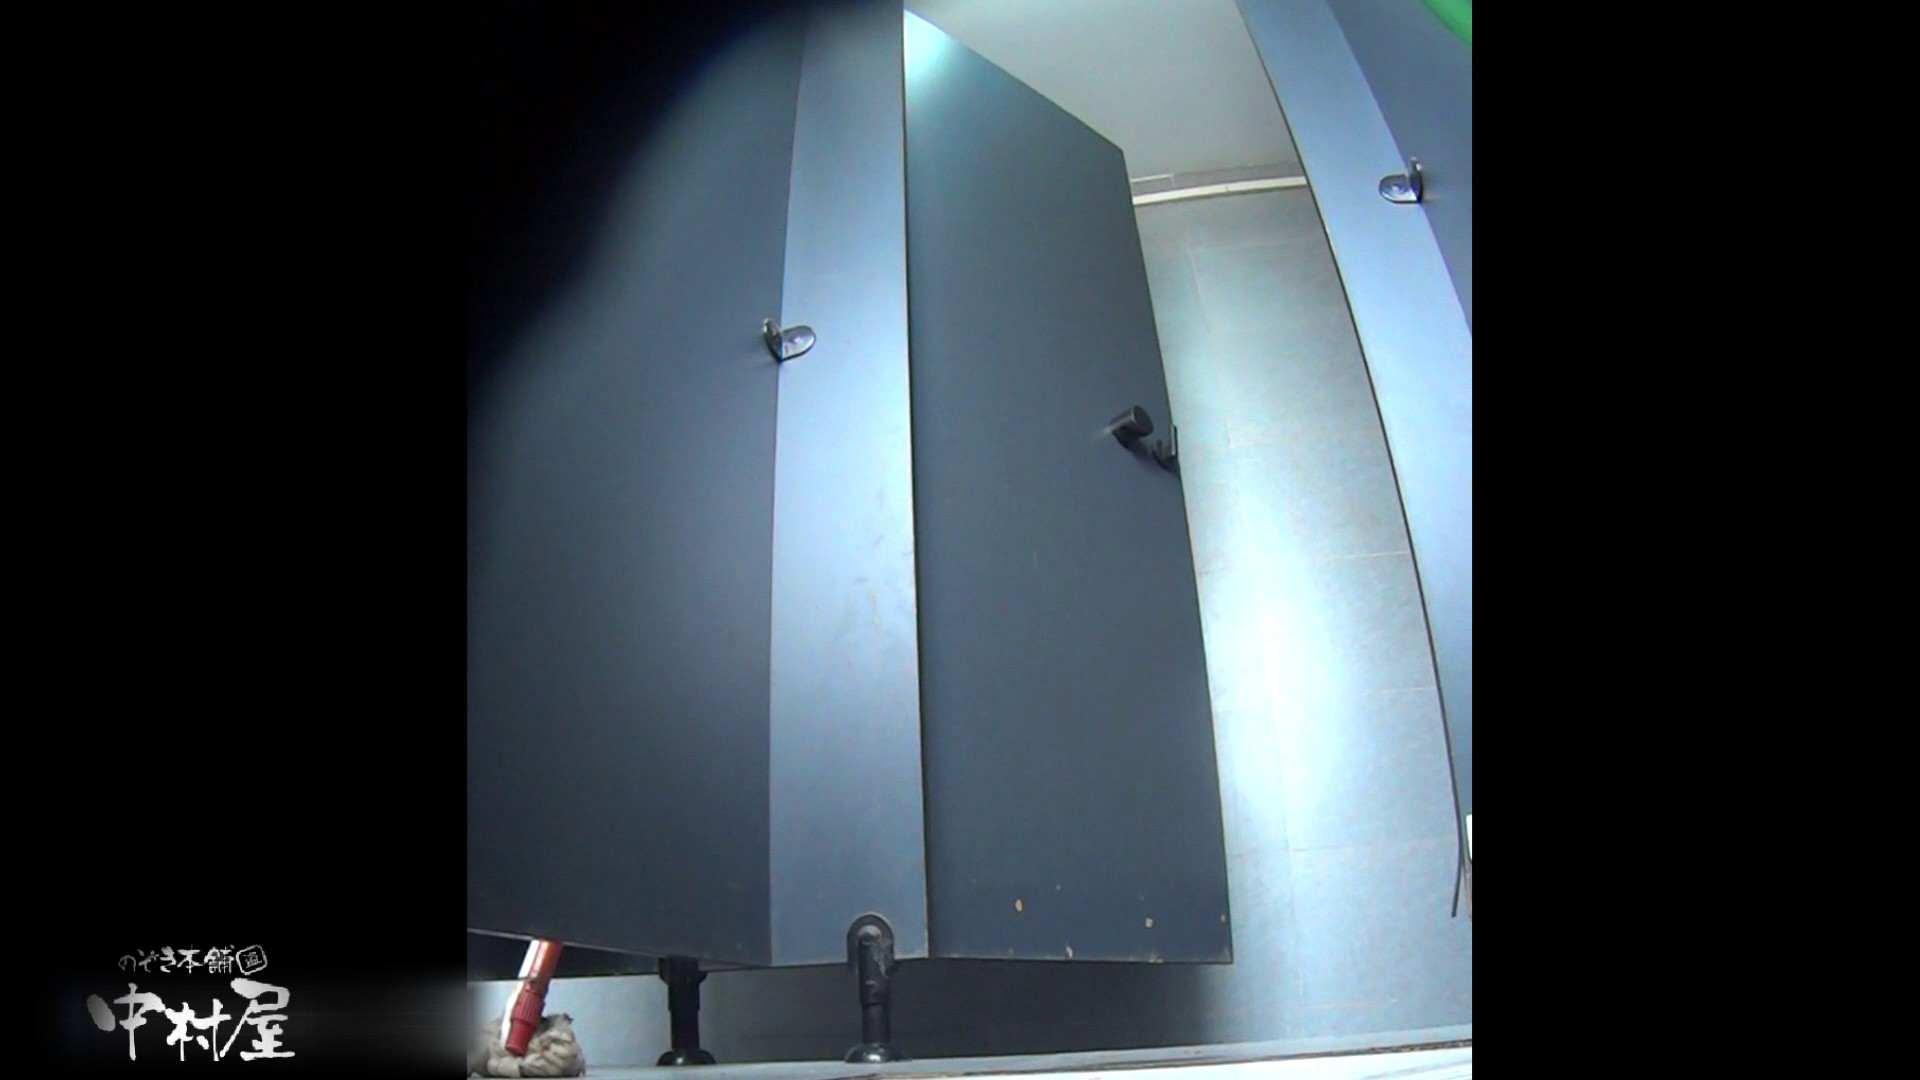 美尻がアップで盛りだくさん!大学休憩時間の洗面所事情30 洗面所突入  76pic 32